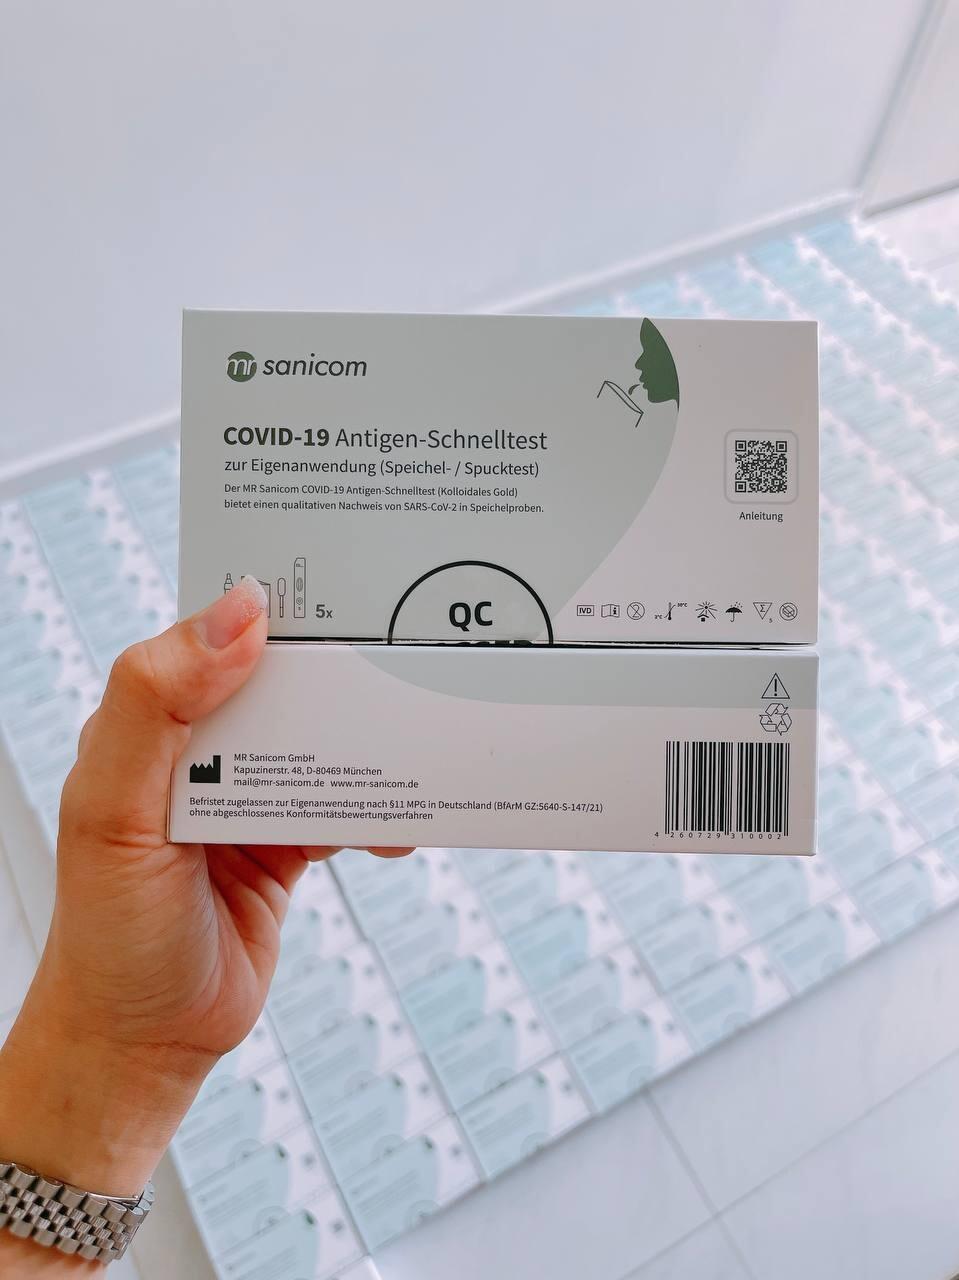 MR Sanicom COVID-19 Antigen-Schnelltest